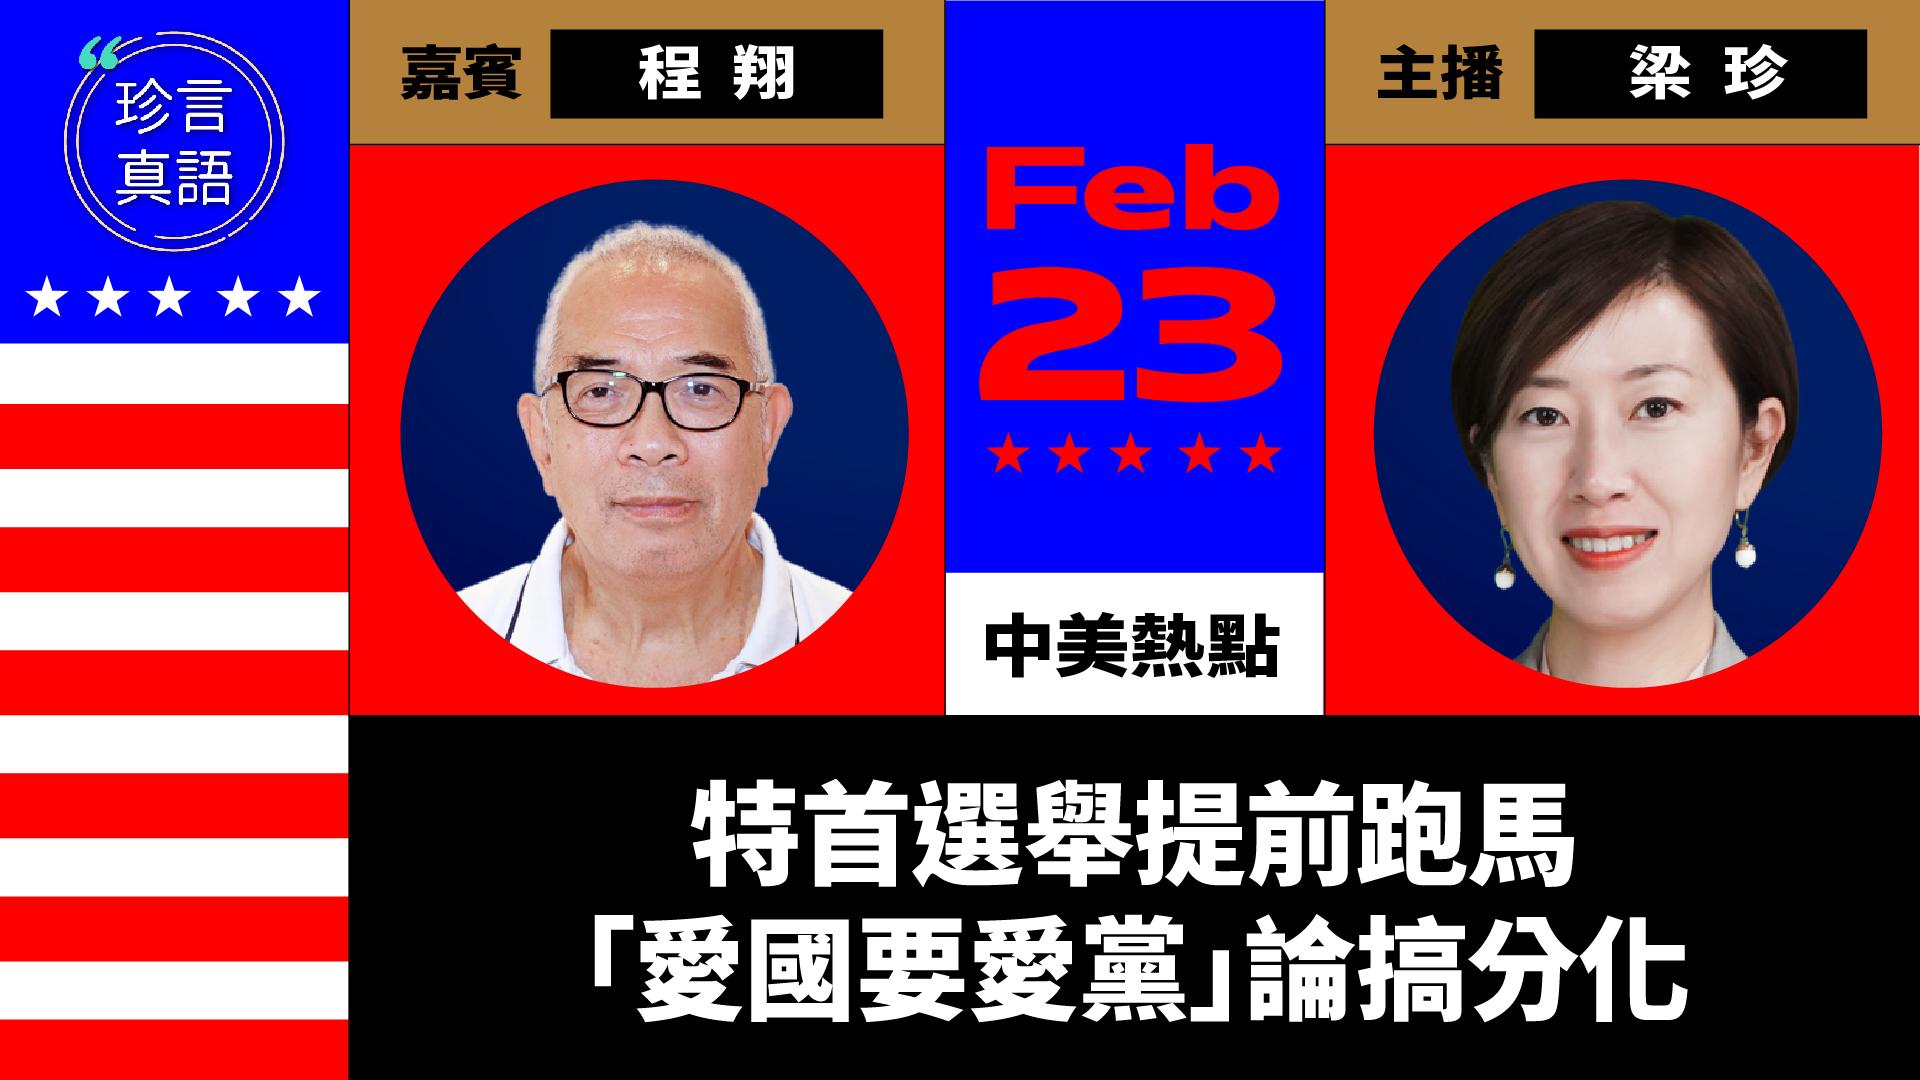 【珍言真語】程翔:特首選舉提前跑馬  夏寶龍「愛國要愛黨」論搞分化。(大紀元製圖)